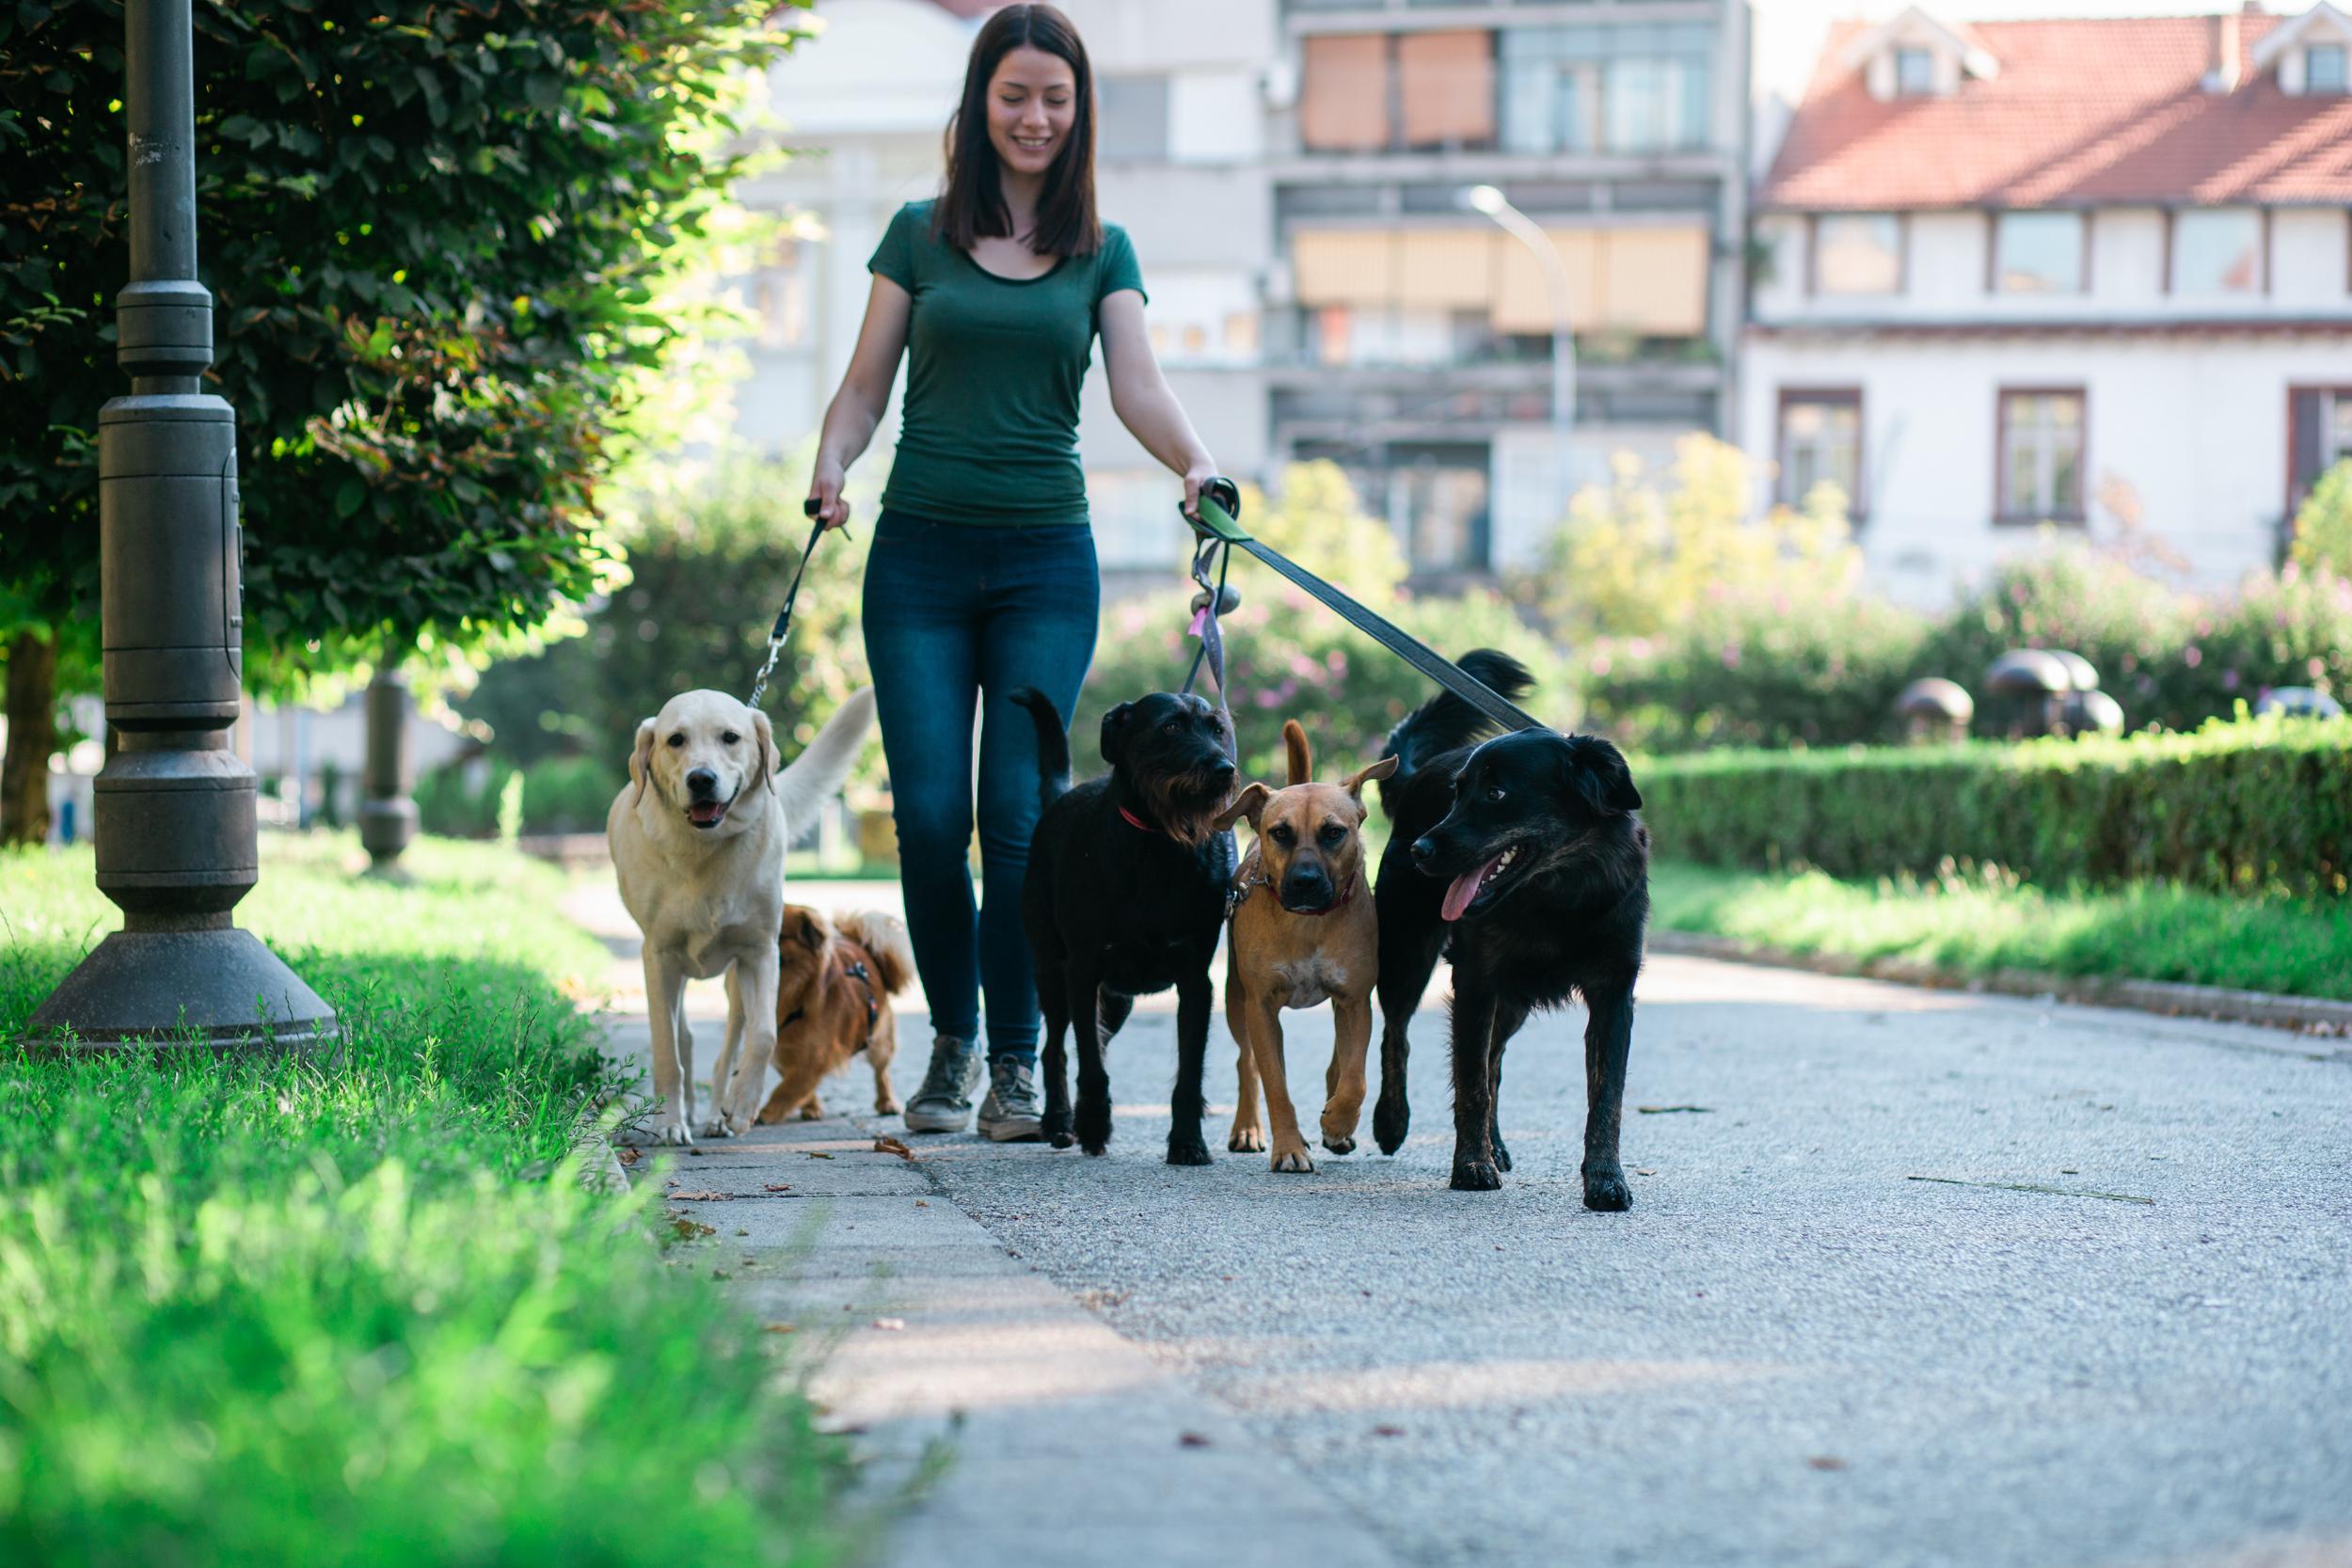 Dog Walker in Dog Park